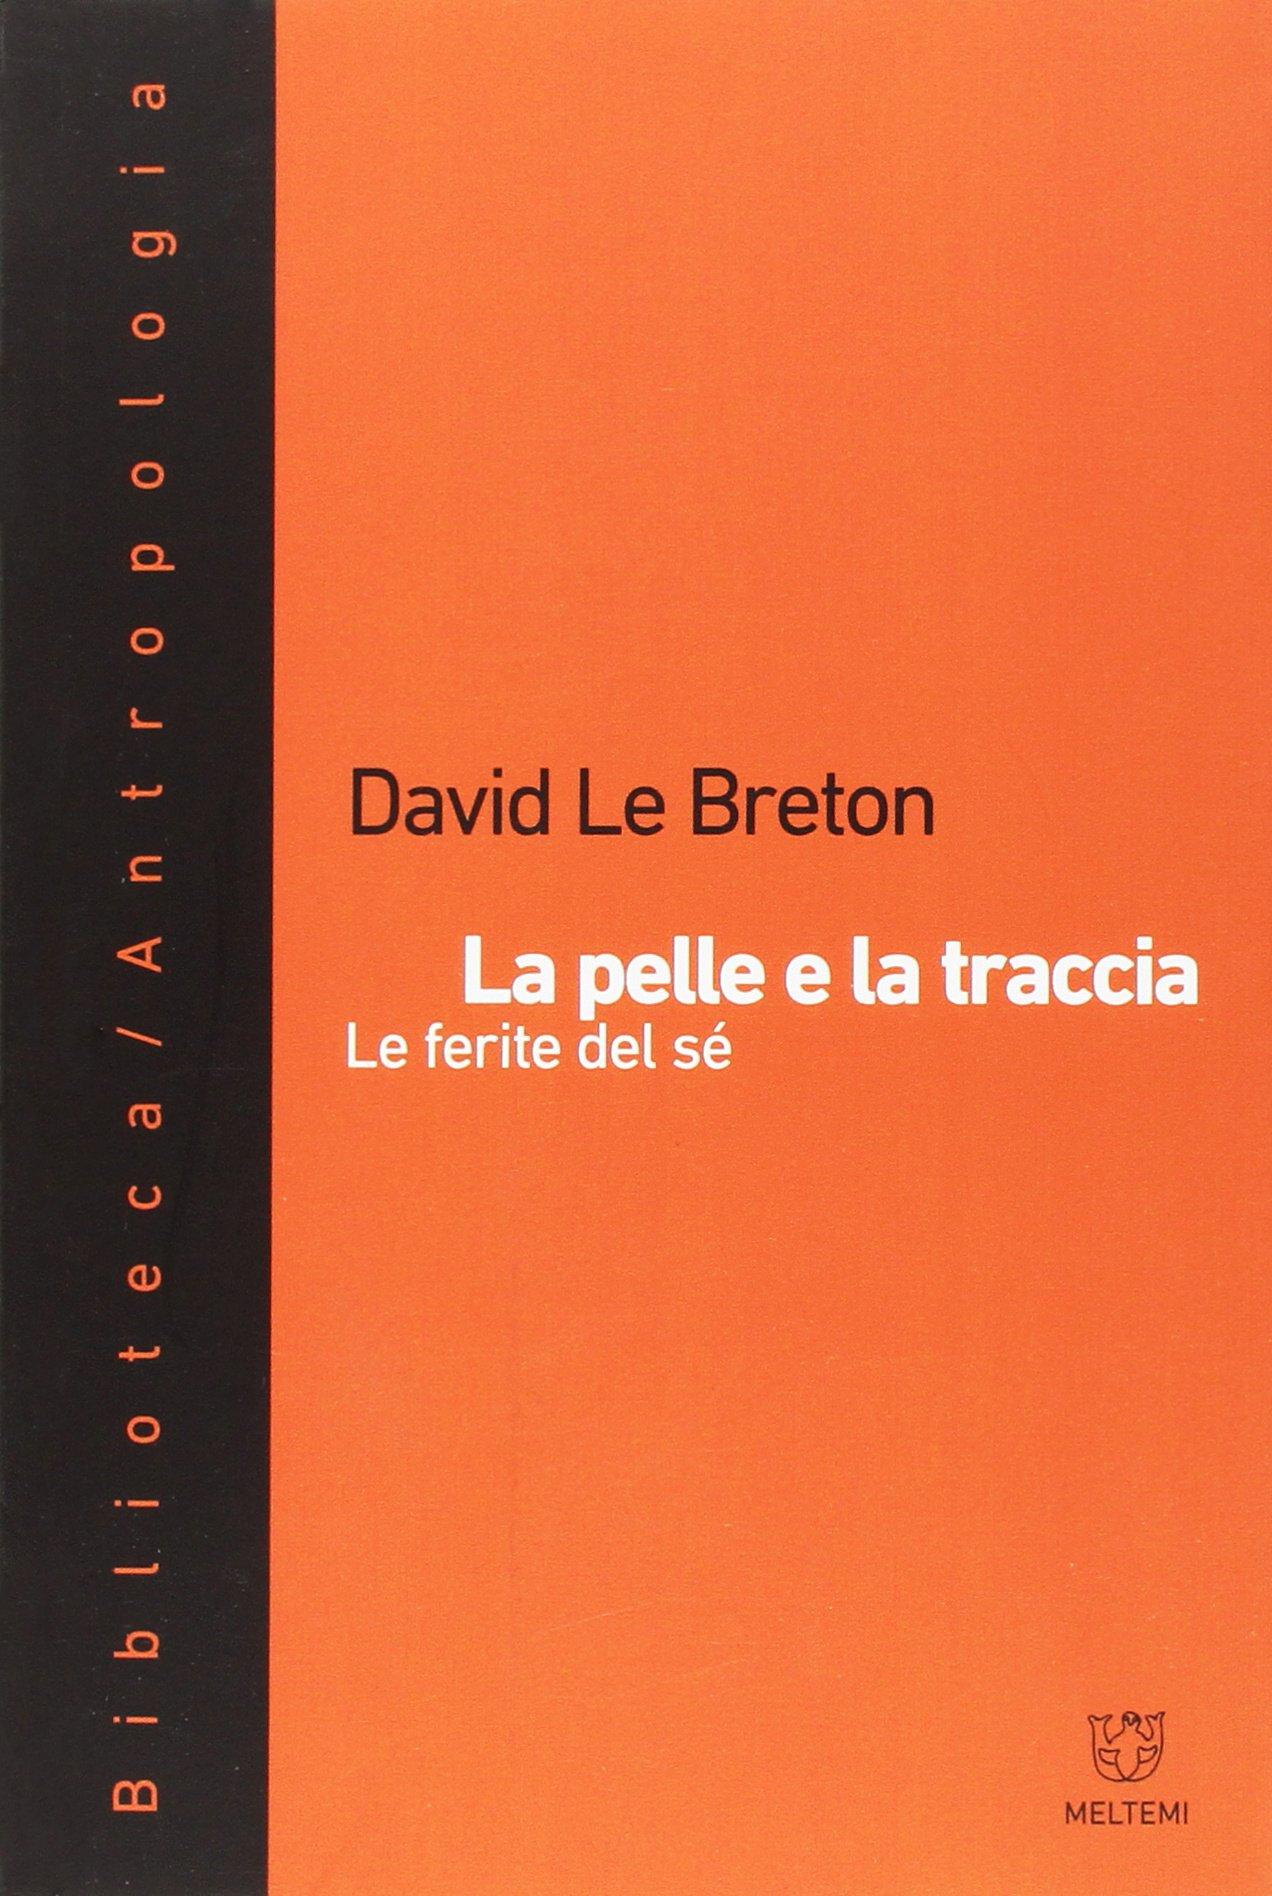 La pelle e la traccia. Le ferite del sé Copertina flessibile – 10 nov 2016 David Le Breton A. Perri Meltemi 8883537025